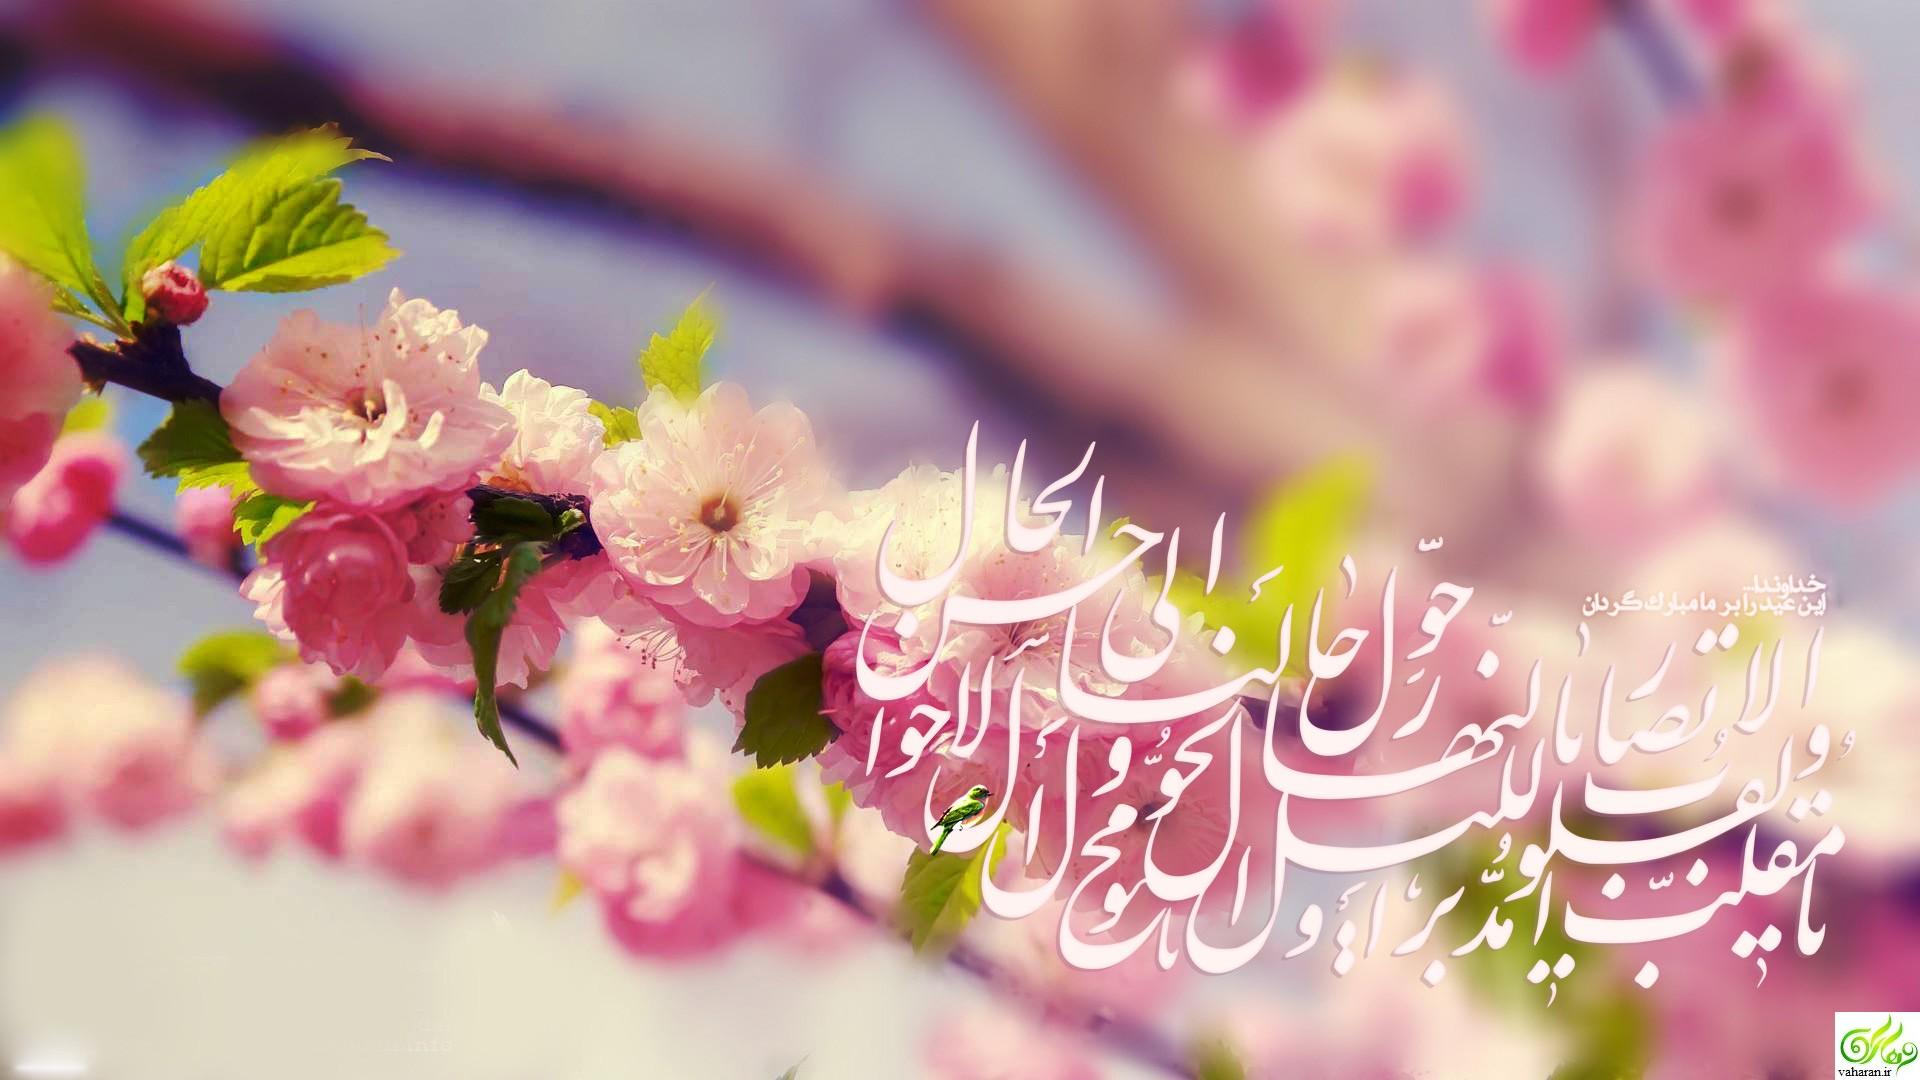 متن برای تبریک عید نوروز | متن تبریک رسمی، عاشقانه، انگلیسی، خنده دار